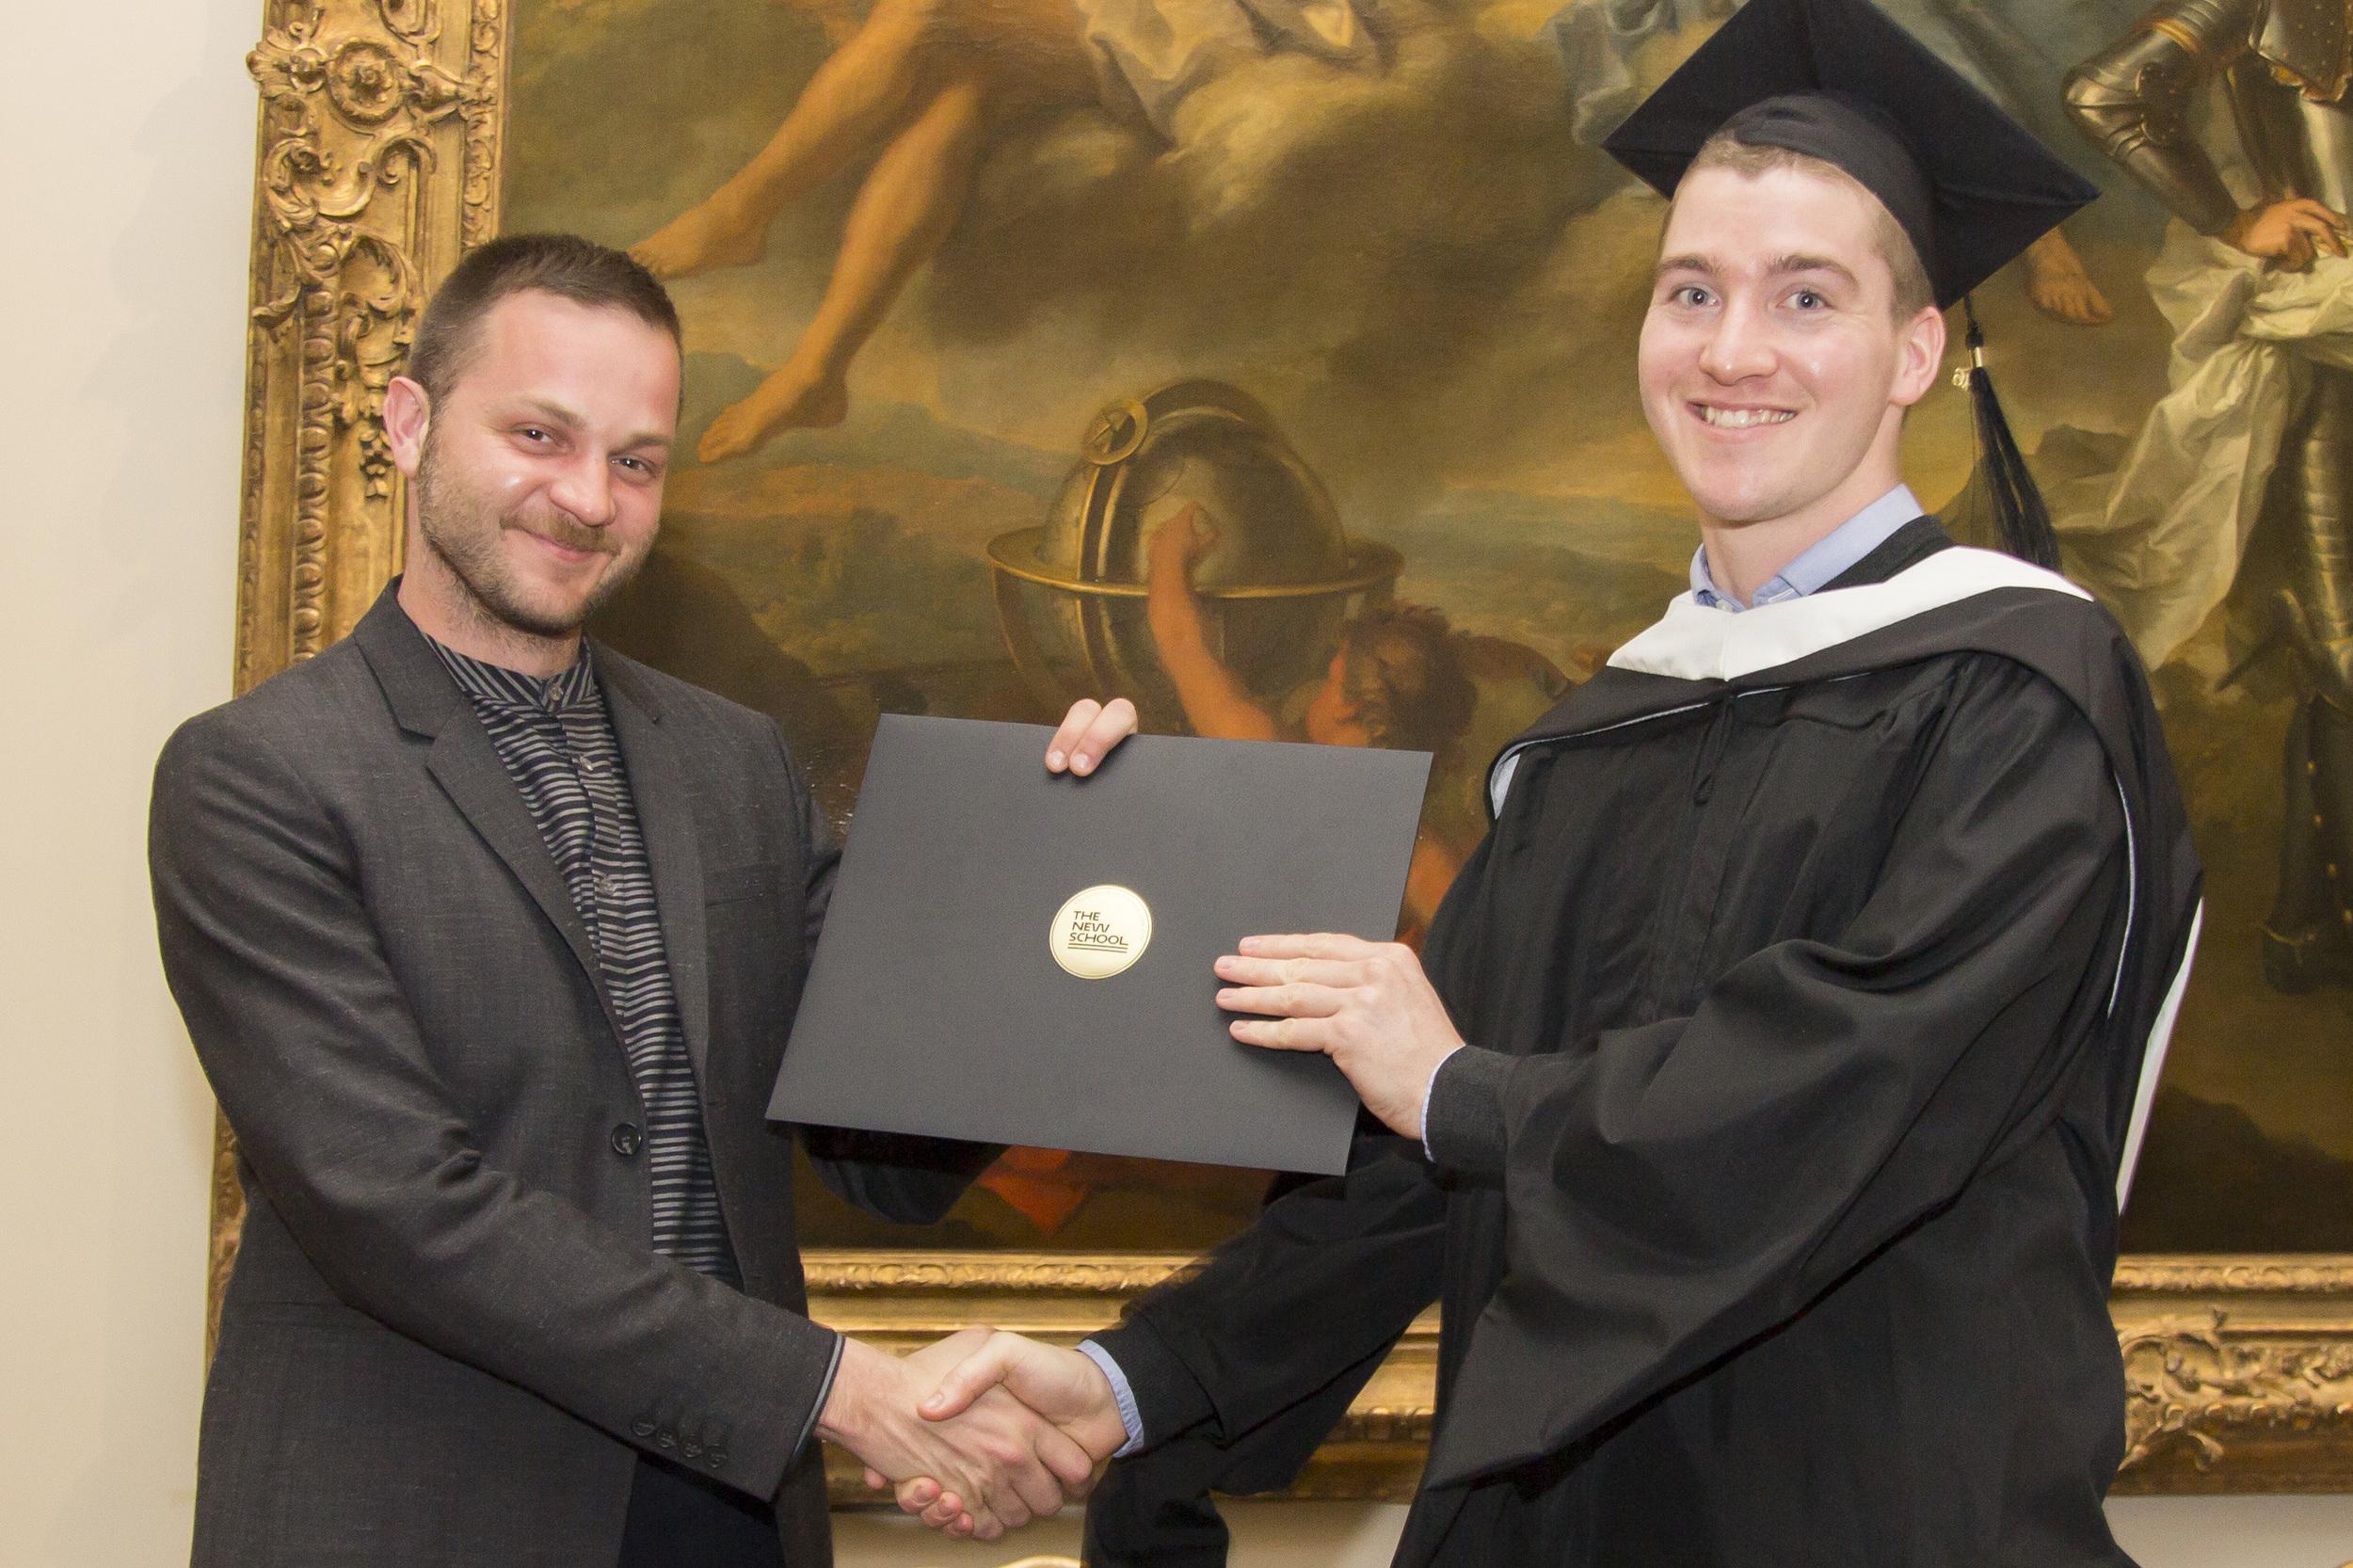 TNS_ParsonsParis_Graduation_102.jpg